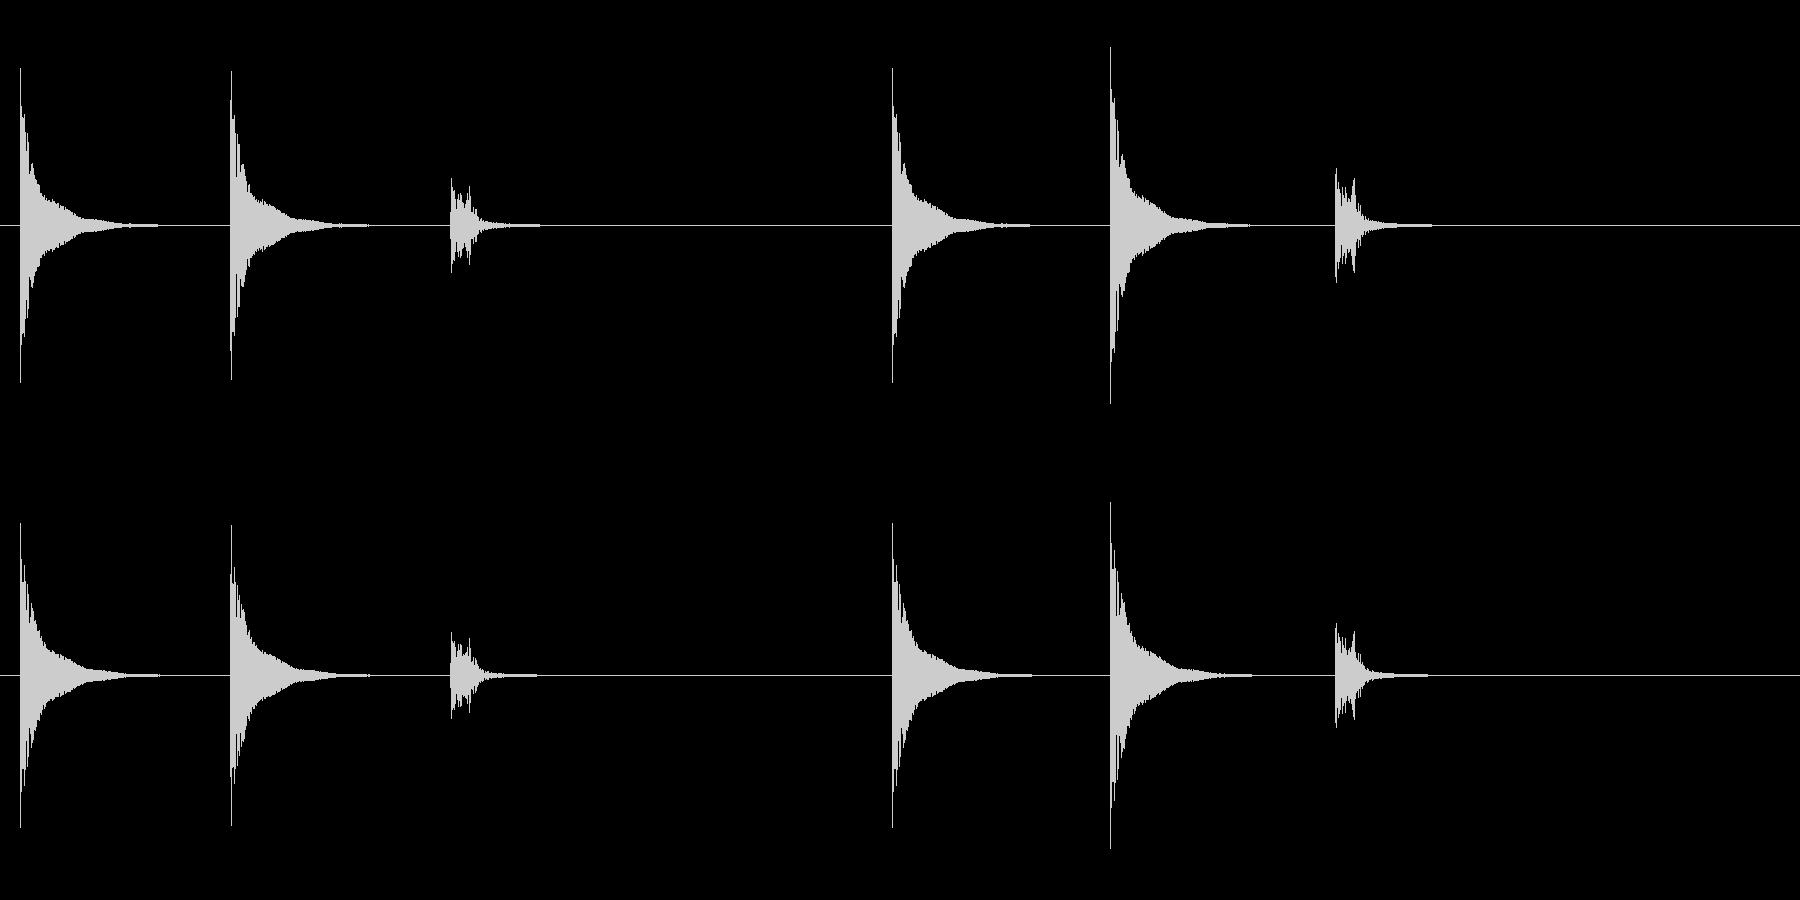 和太鼓の締太鼓のフレーズ音の未再生の波形